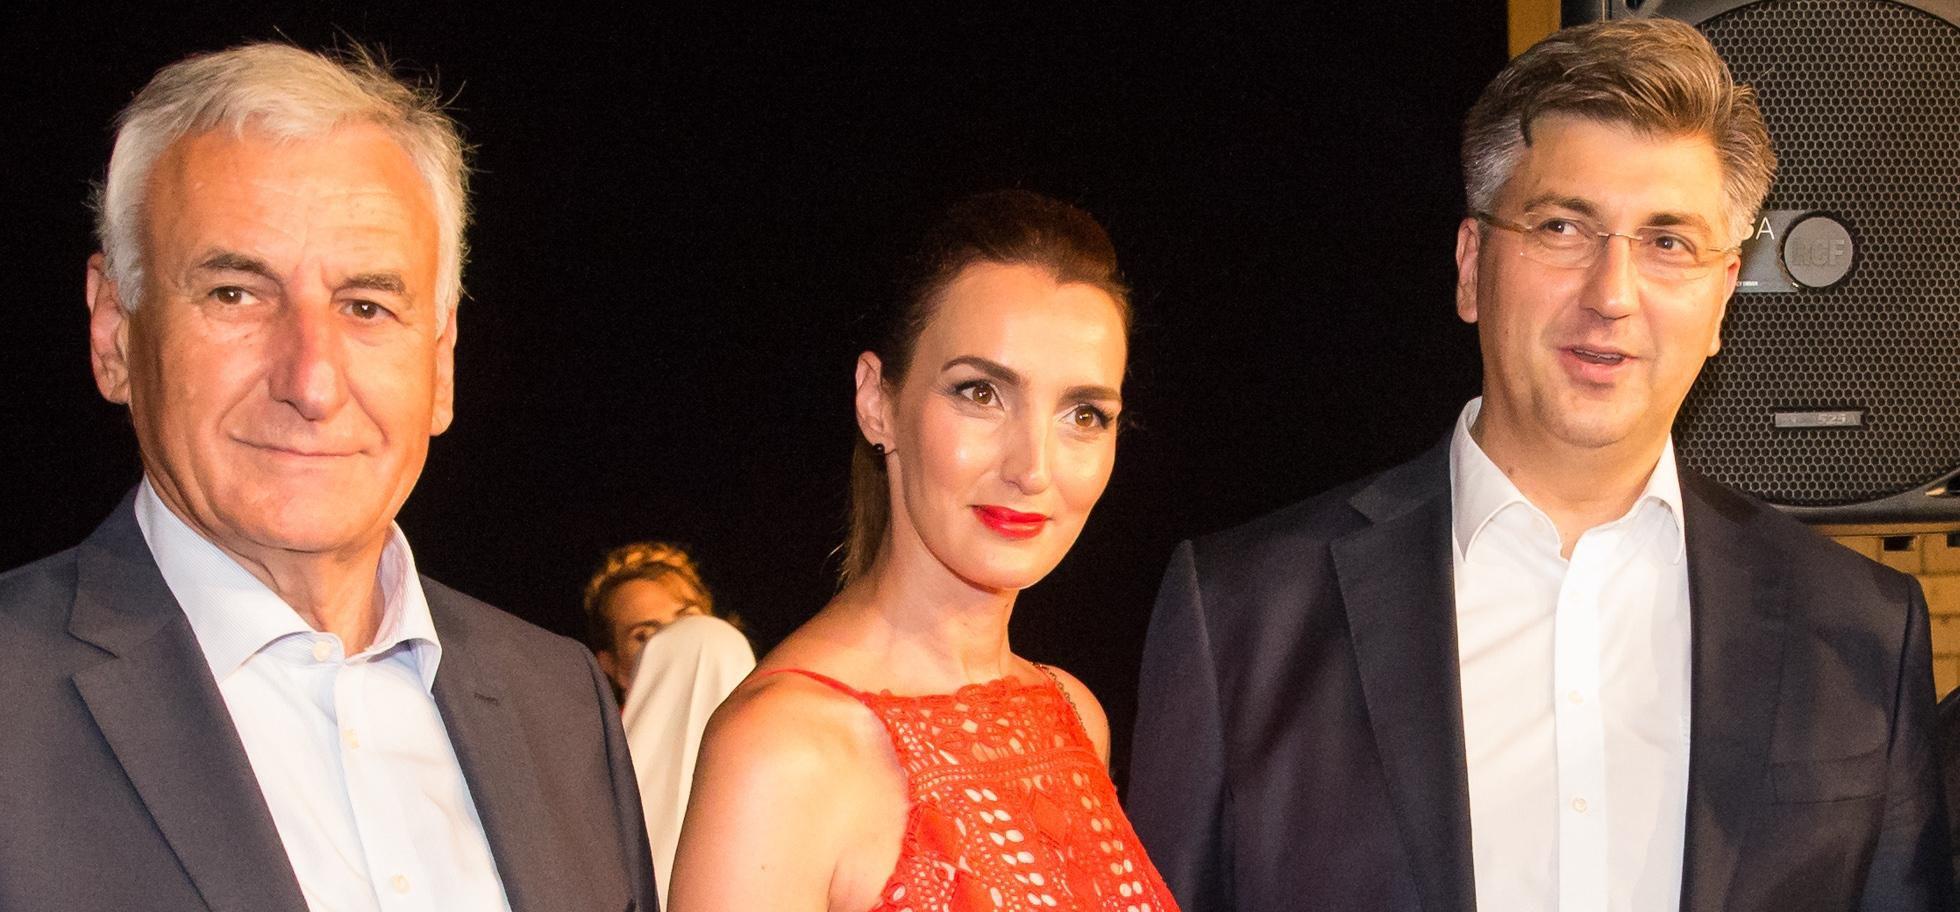 HDZ-ova političarka plijenila poglede u atraktivnoj crvenoj haljini